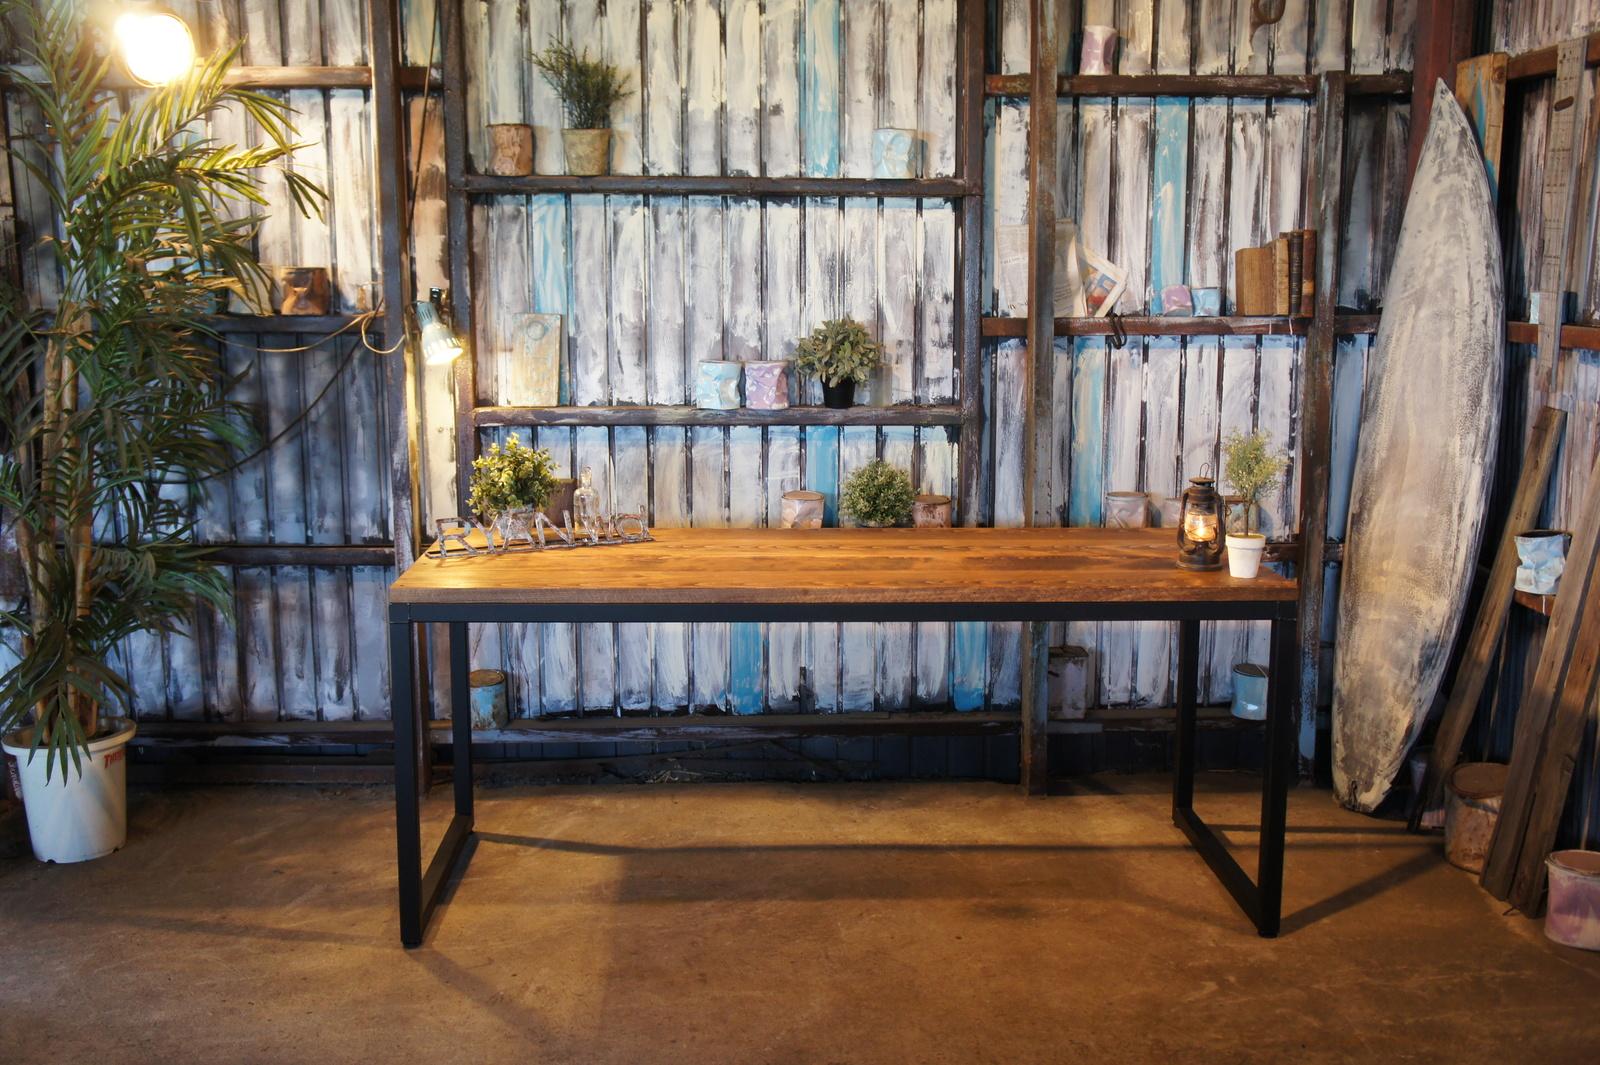 アイアン&ウッド 新潟県魚沼産スノービーチ材 ダイニングテーブル  B=ナチュラルダークブラウン ロの字脚 組立式